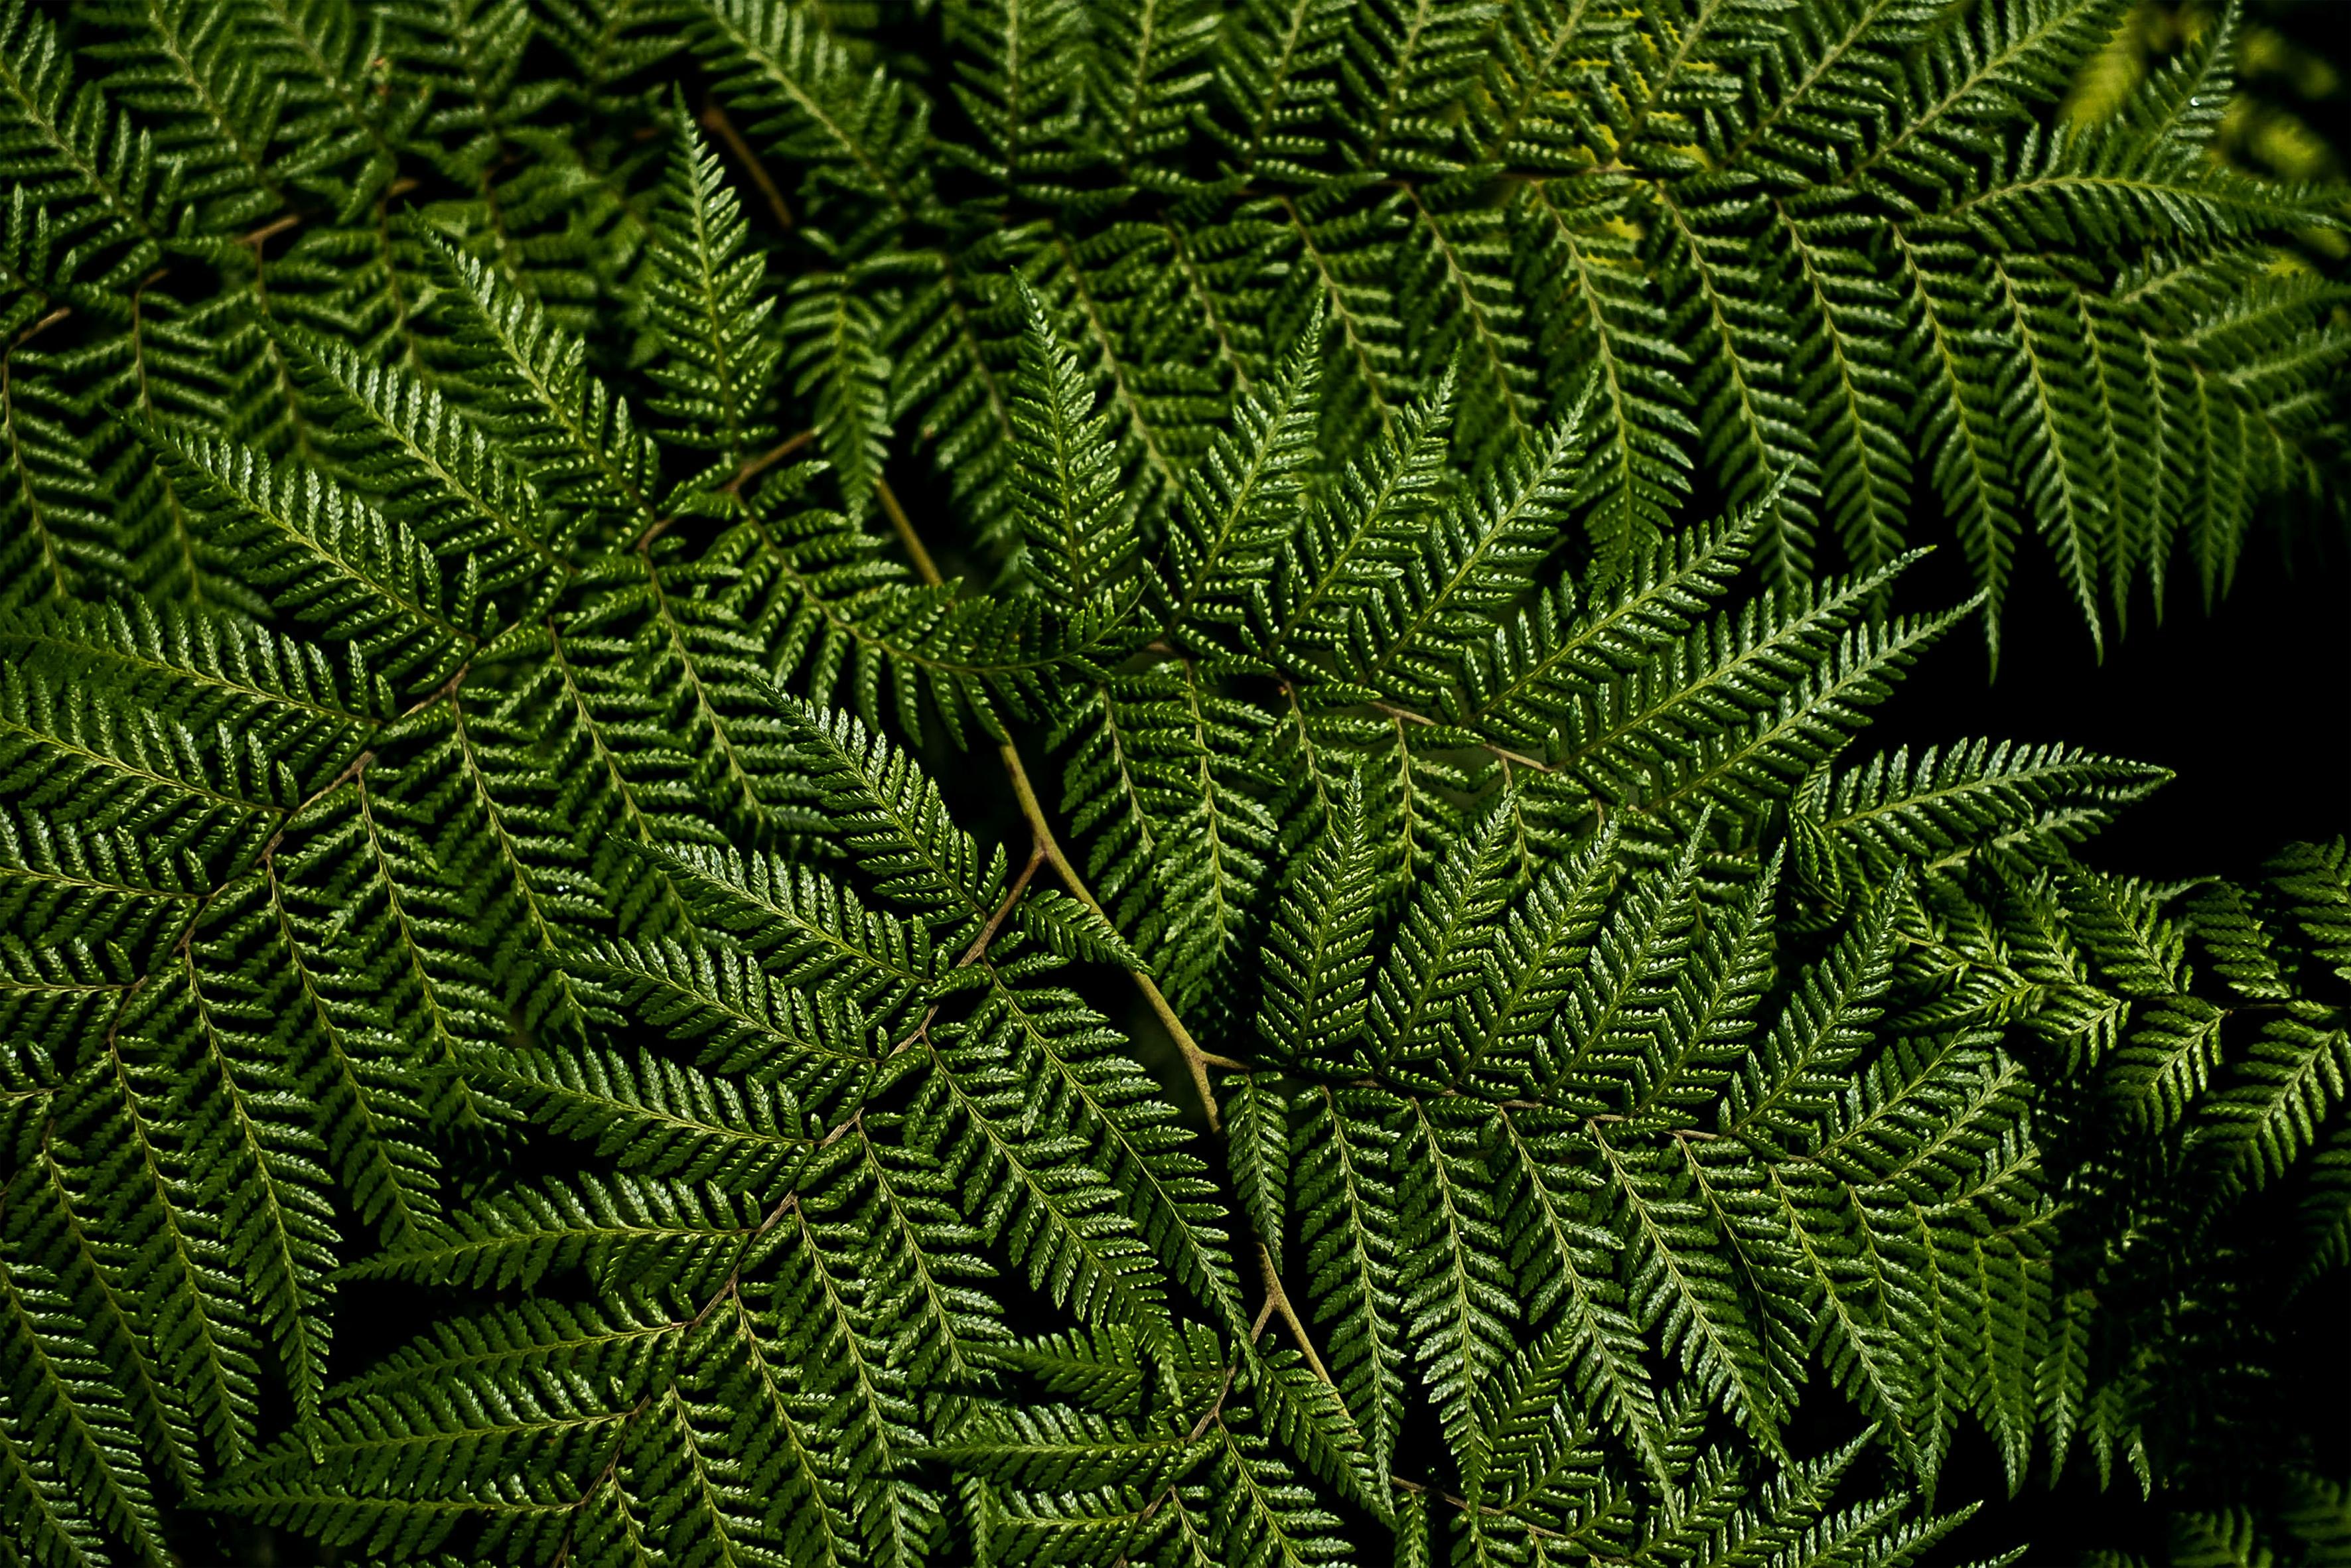 150992 скачать обои Природа, Папоротник, Листья, Ветки, Макро, Зеленый - заставки и картинки бесплатно